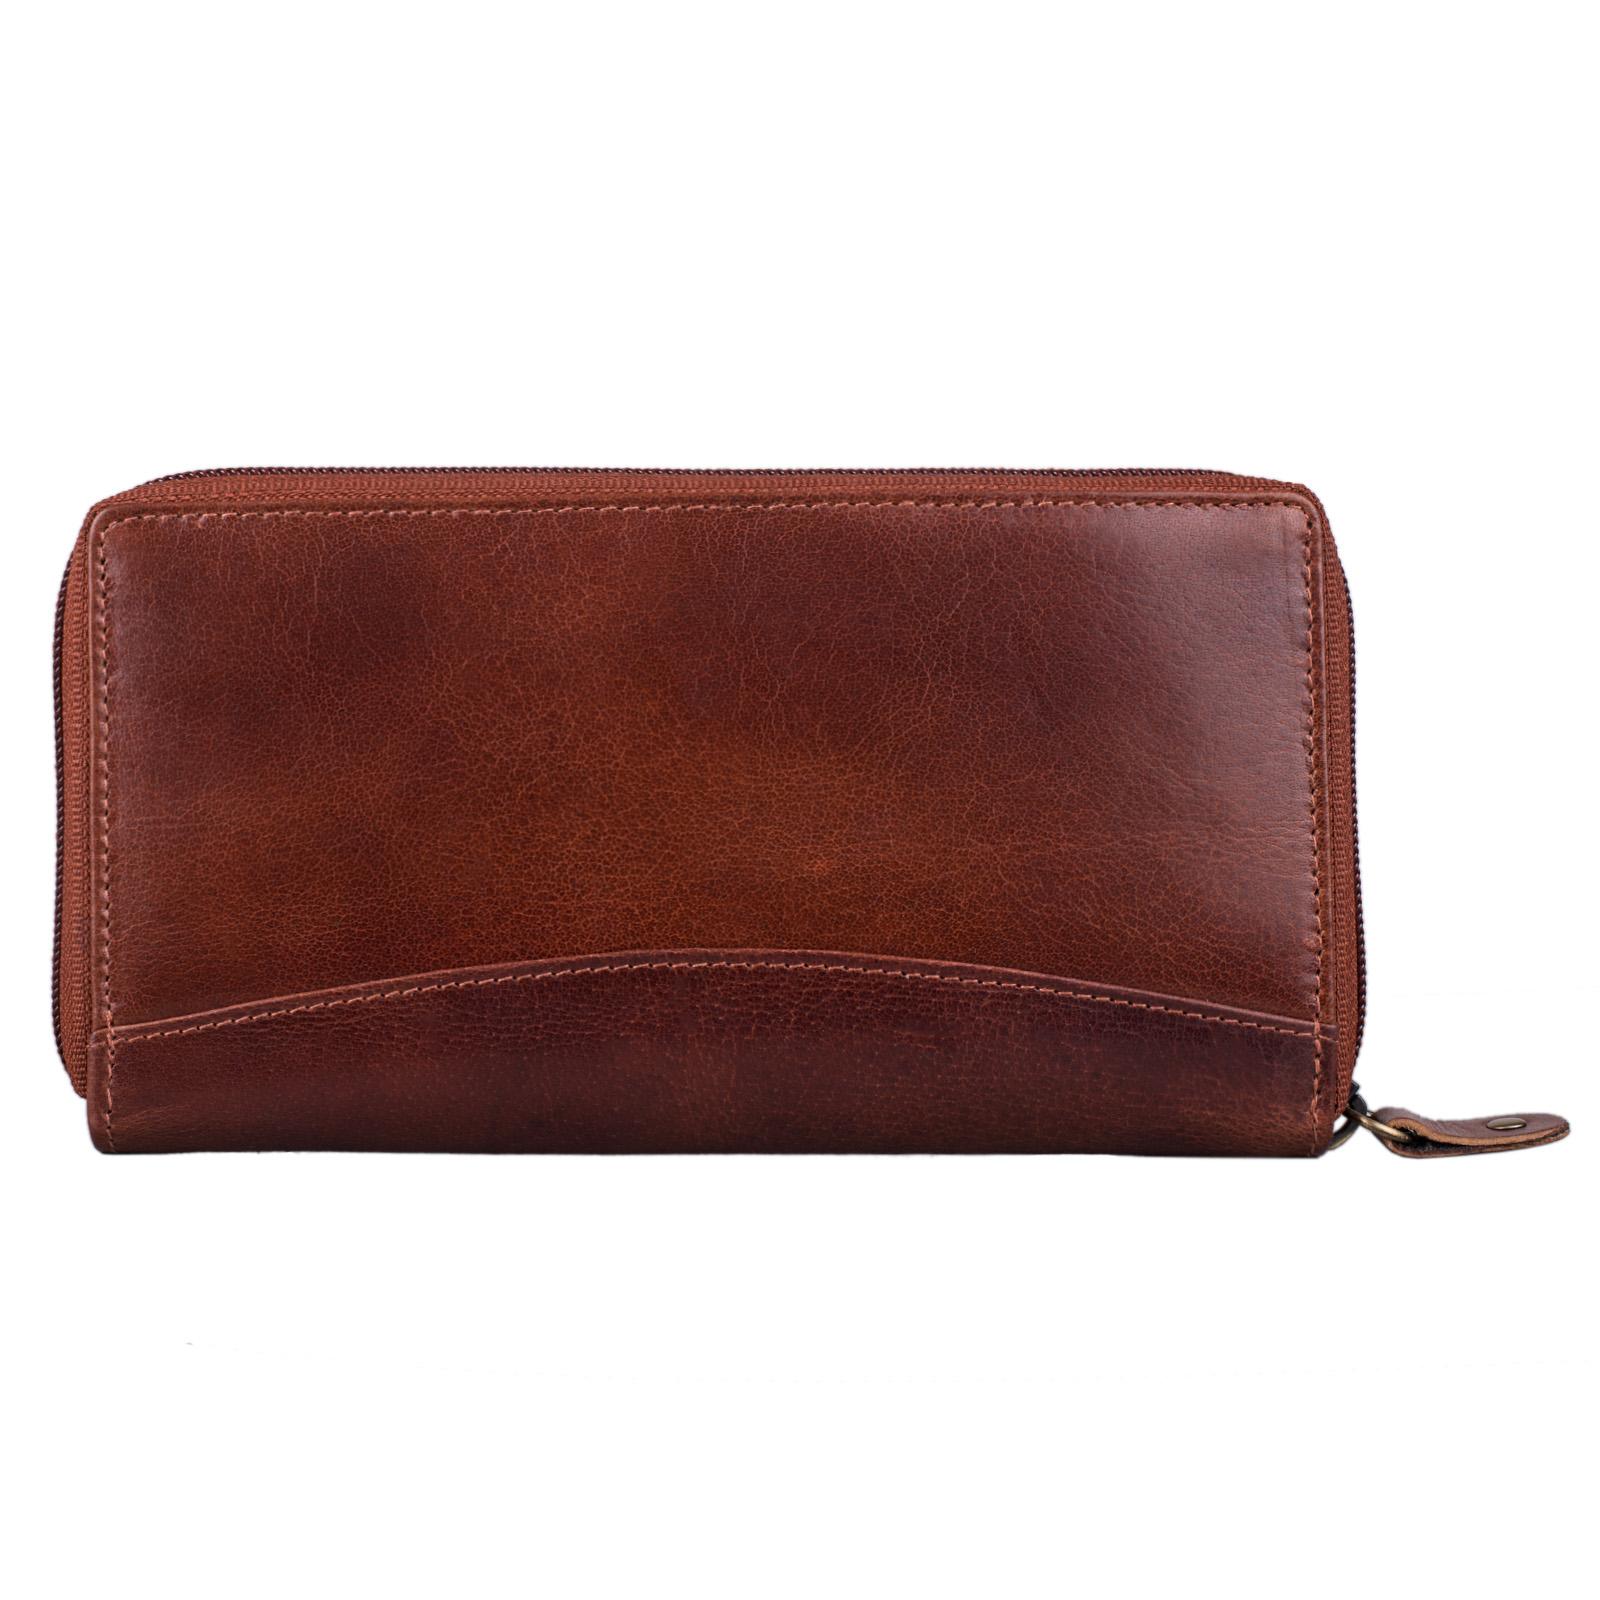 """STILORD """"Saskia"""" Portemonnaie Damen Leder groß viele Fächer Vintage Brieftasche im Querformat Geldbörse mit Reißverschluss für EC-Karten Kleingeld Ausweis - Bild 6"""